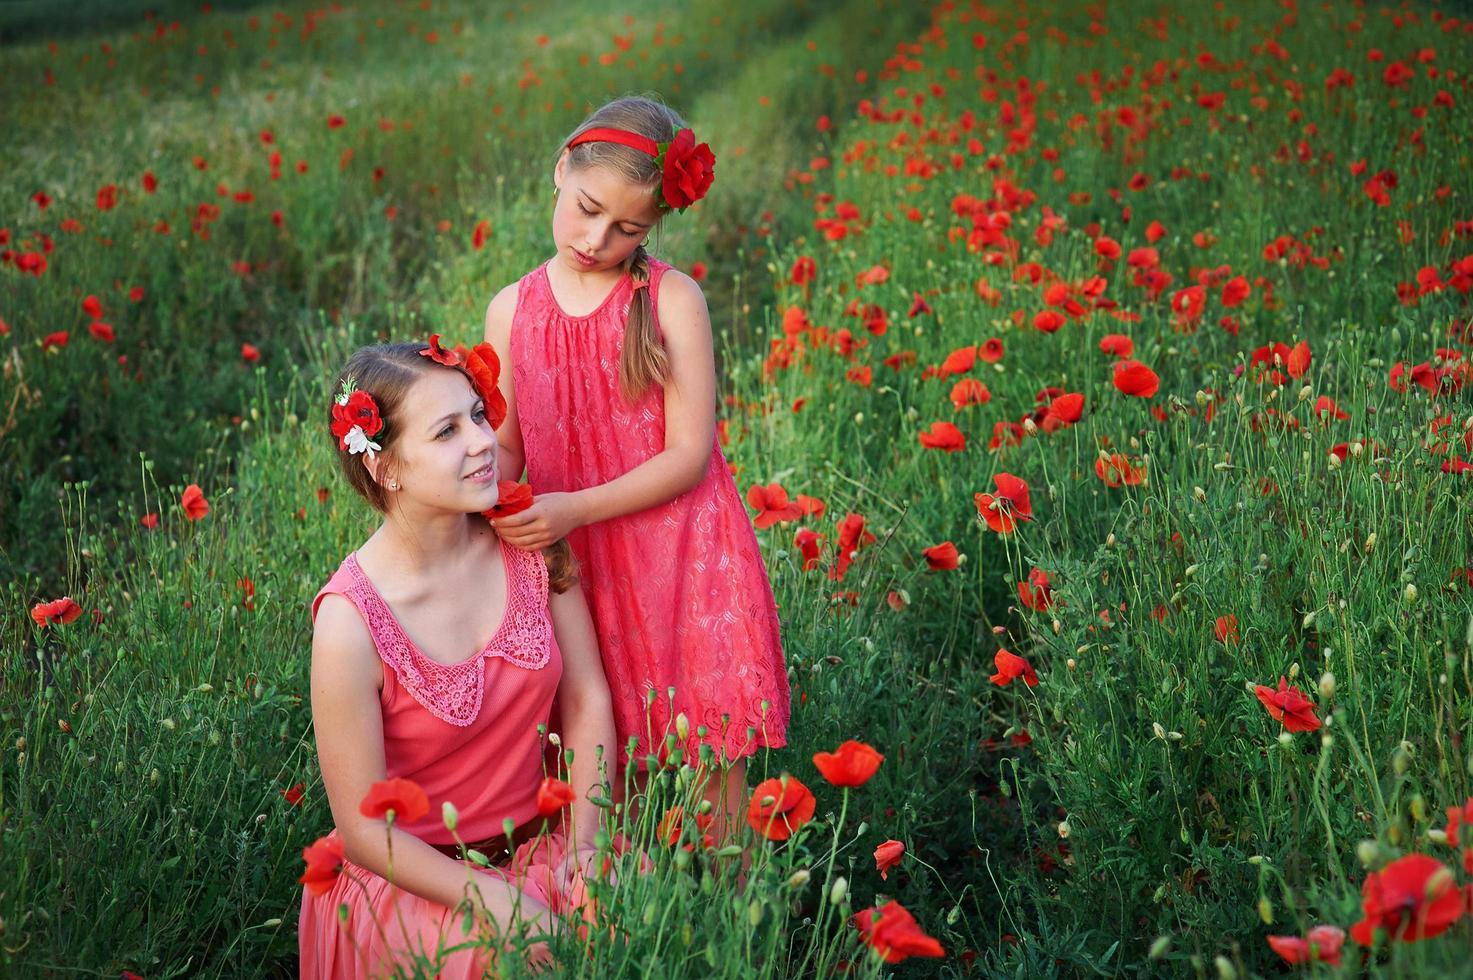 två flickor i rosa klänningar i vallmo foto